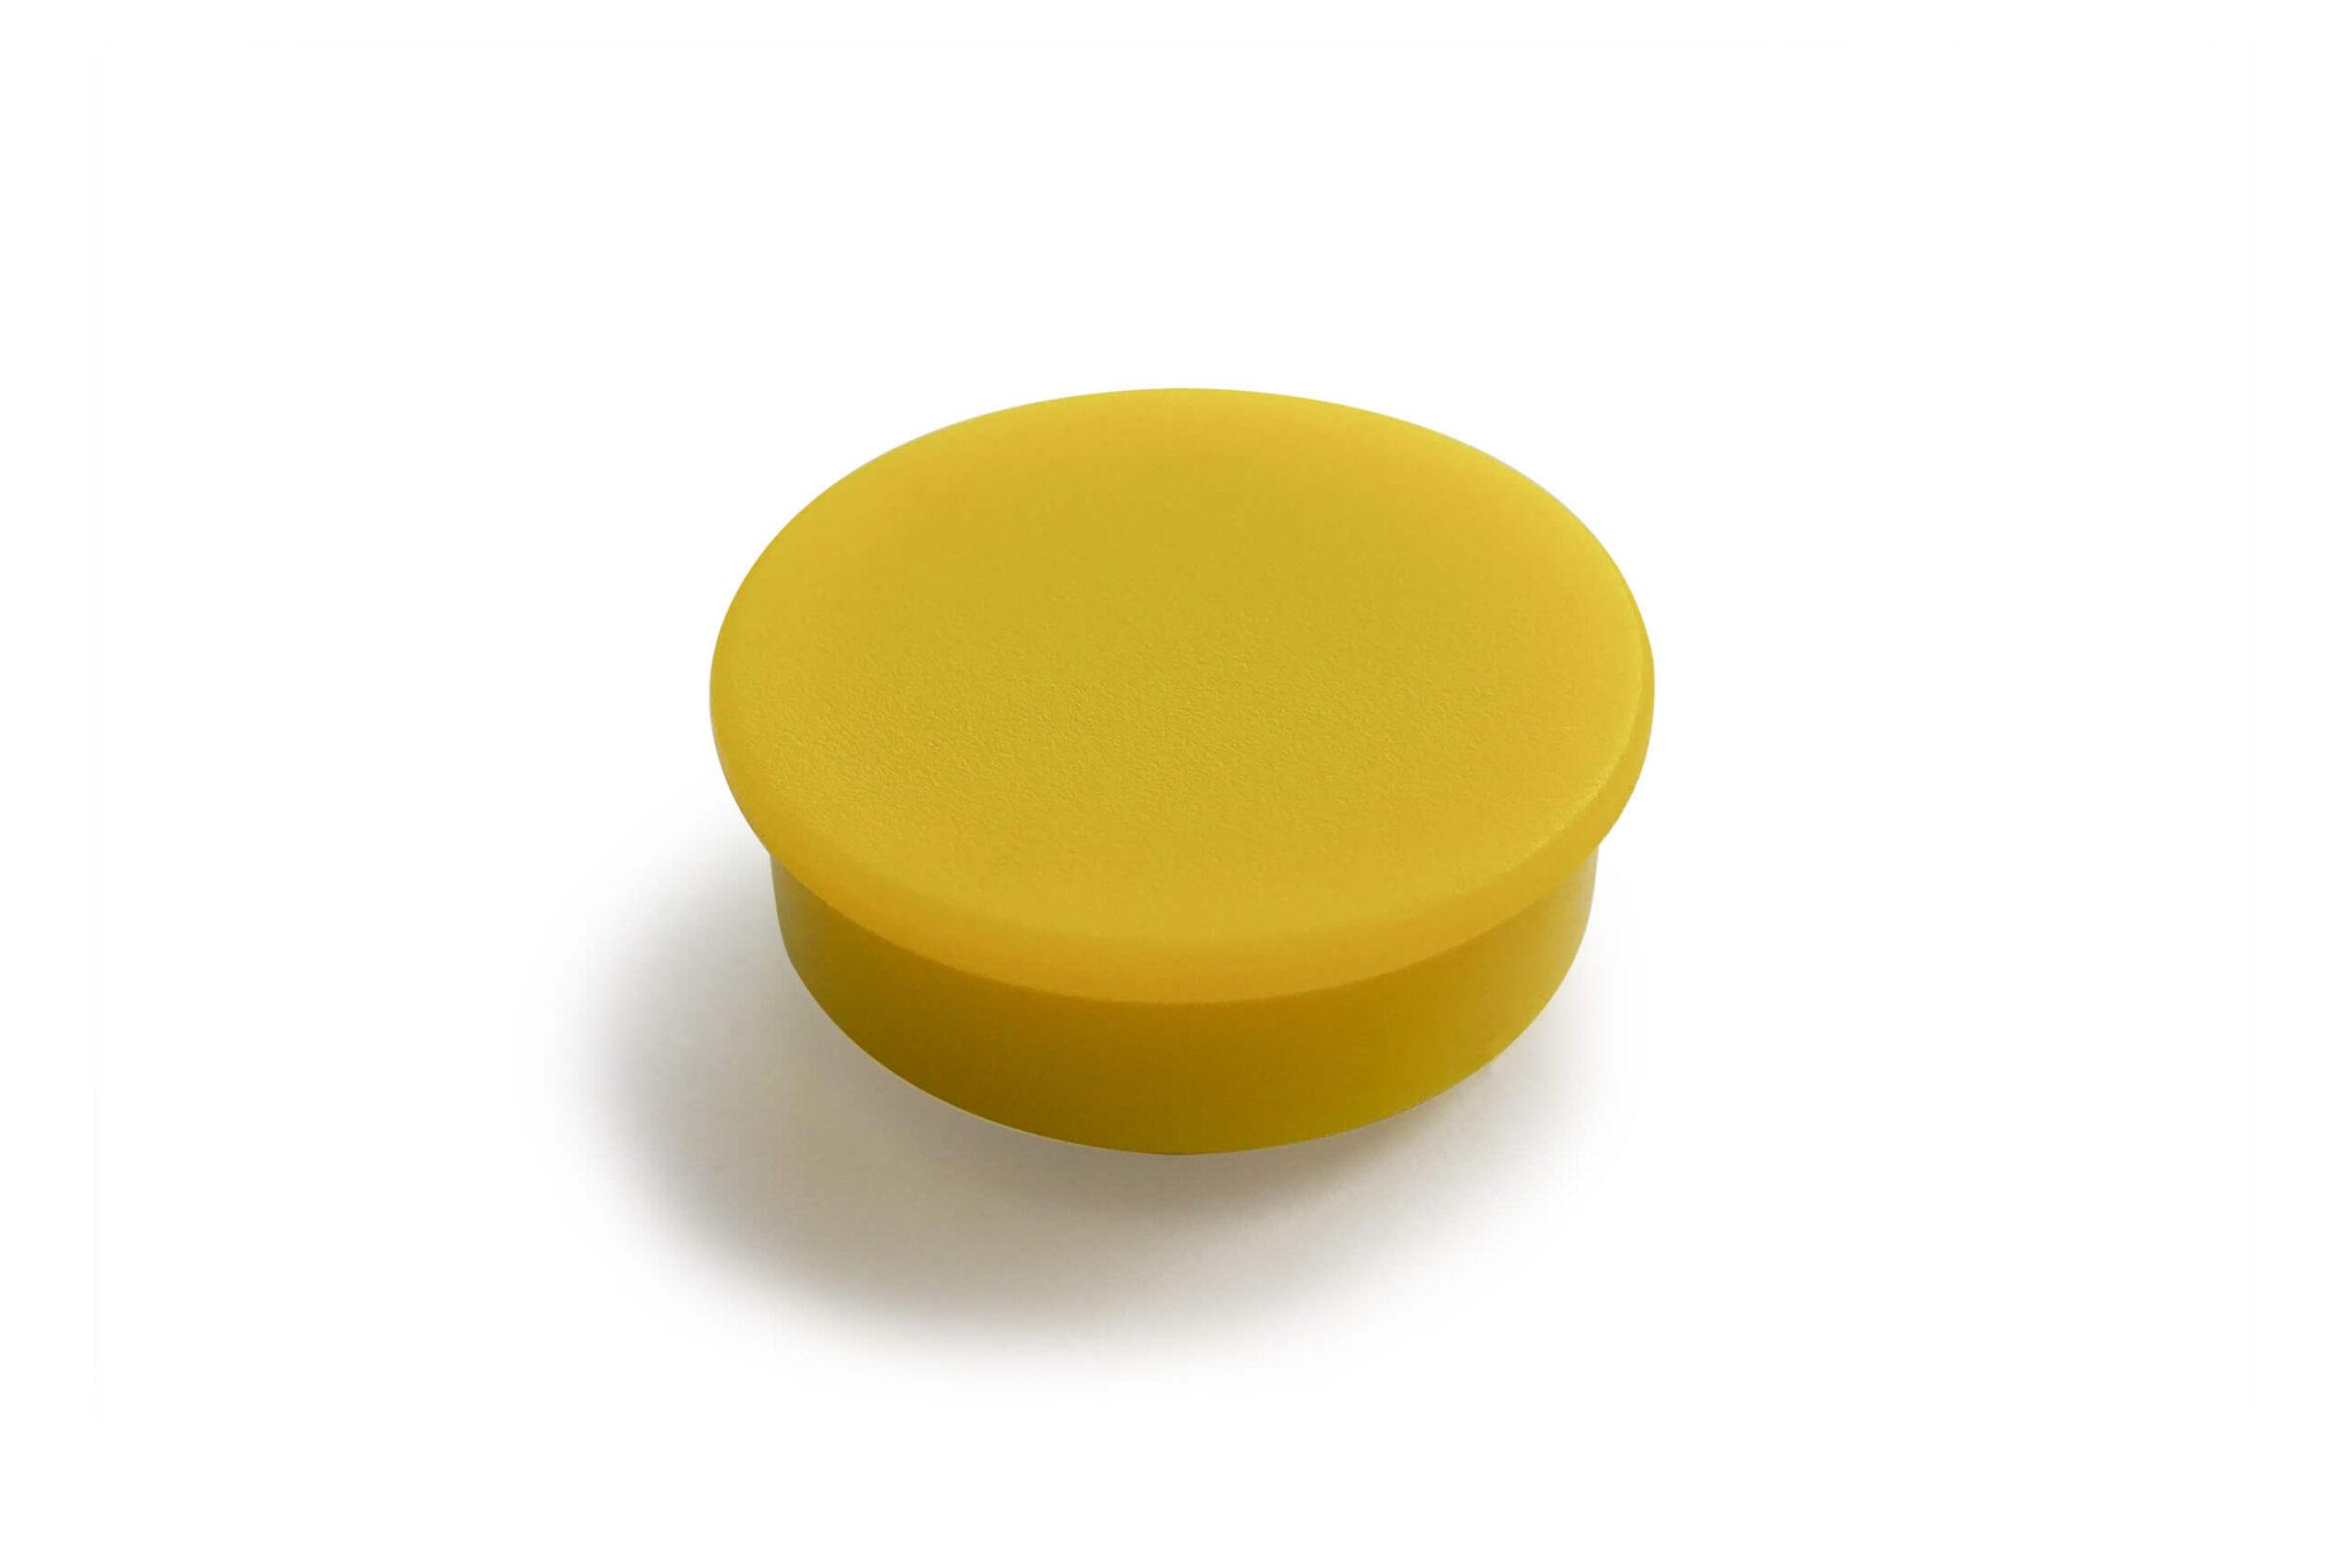 מגנט פלסטיק צהוב ללוח מחיק